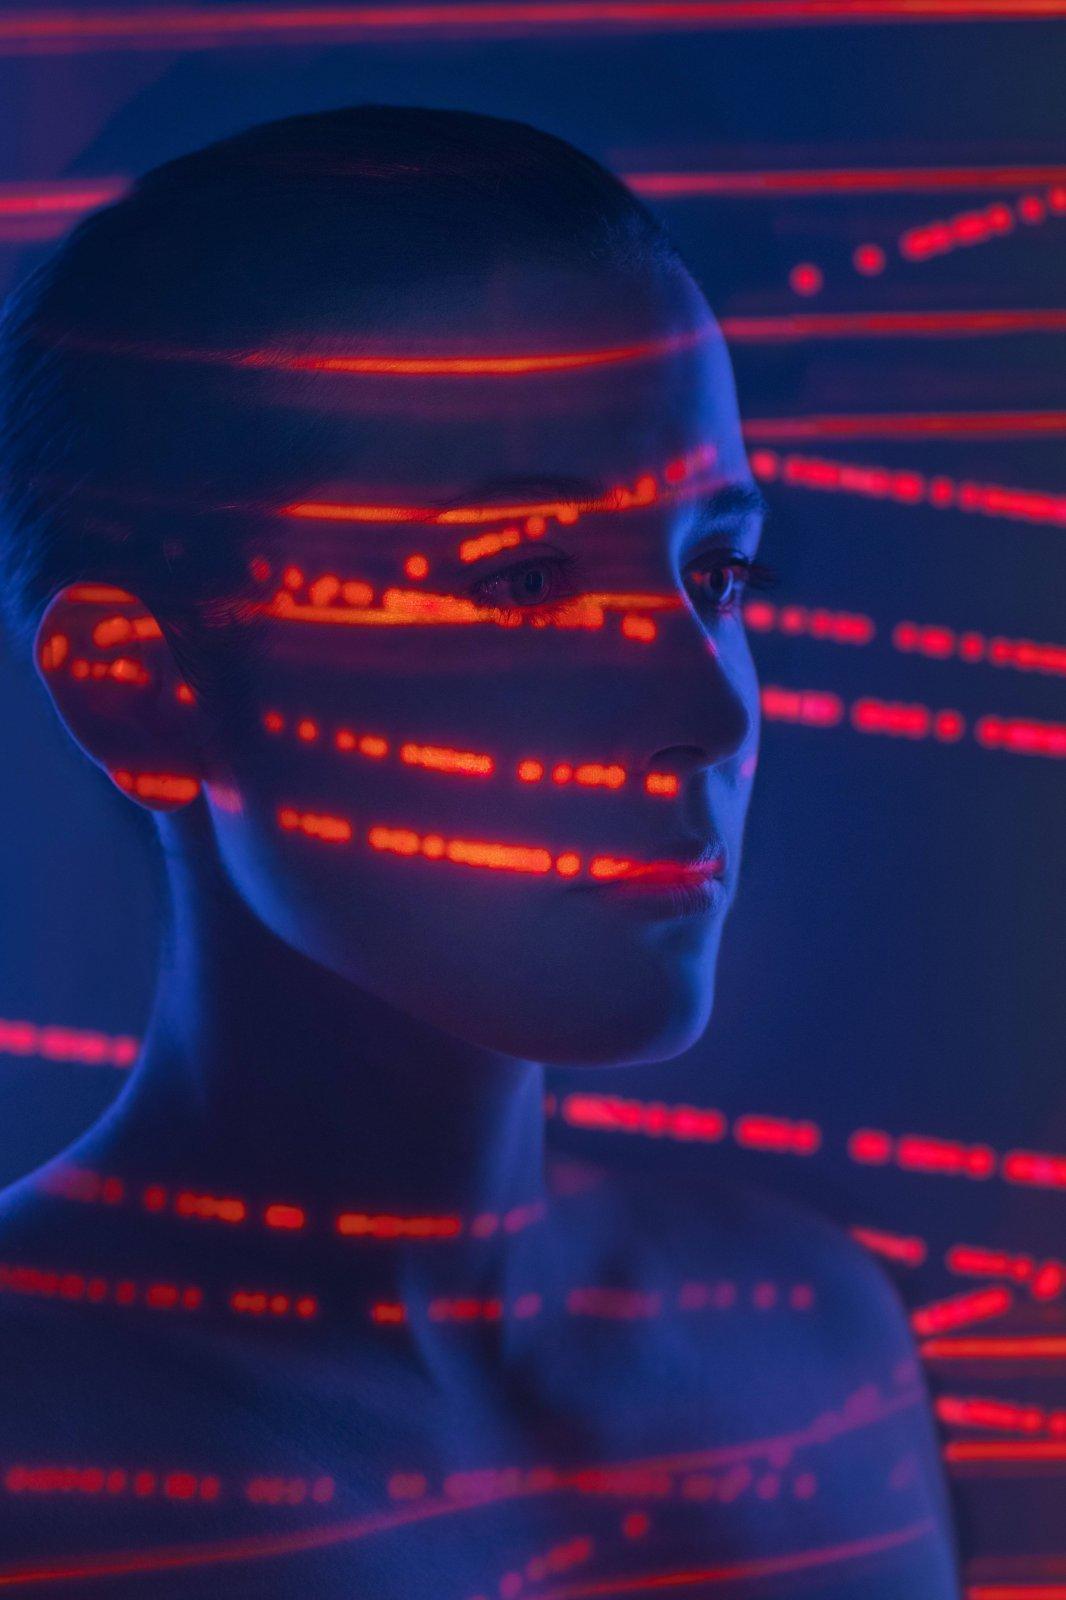 Das Bild zeigt ein Schattenbild einer Frau mit roten Lichtern auf dem Gesicht.